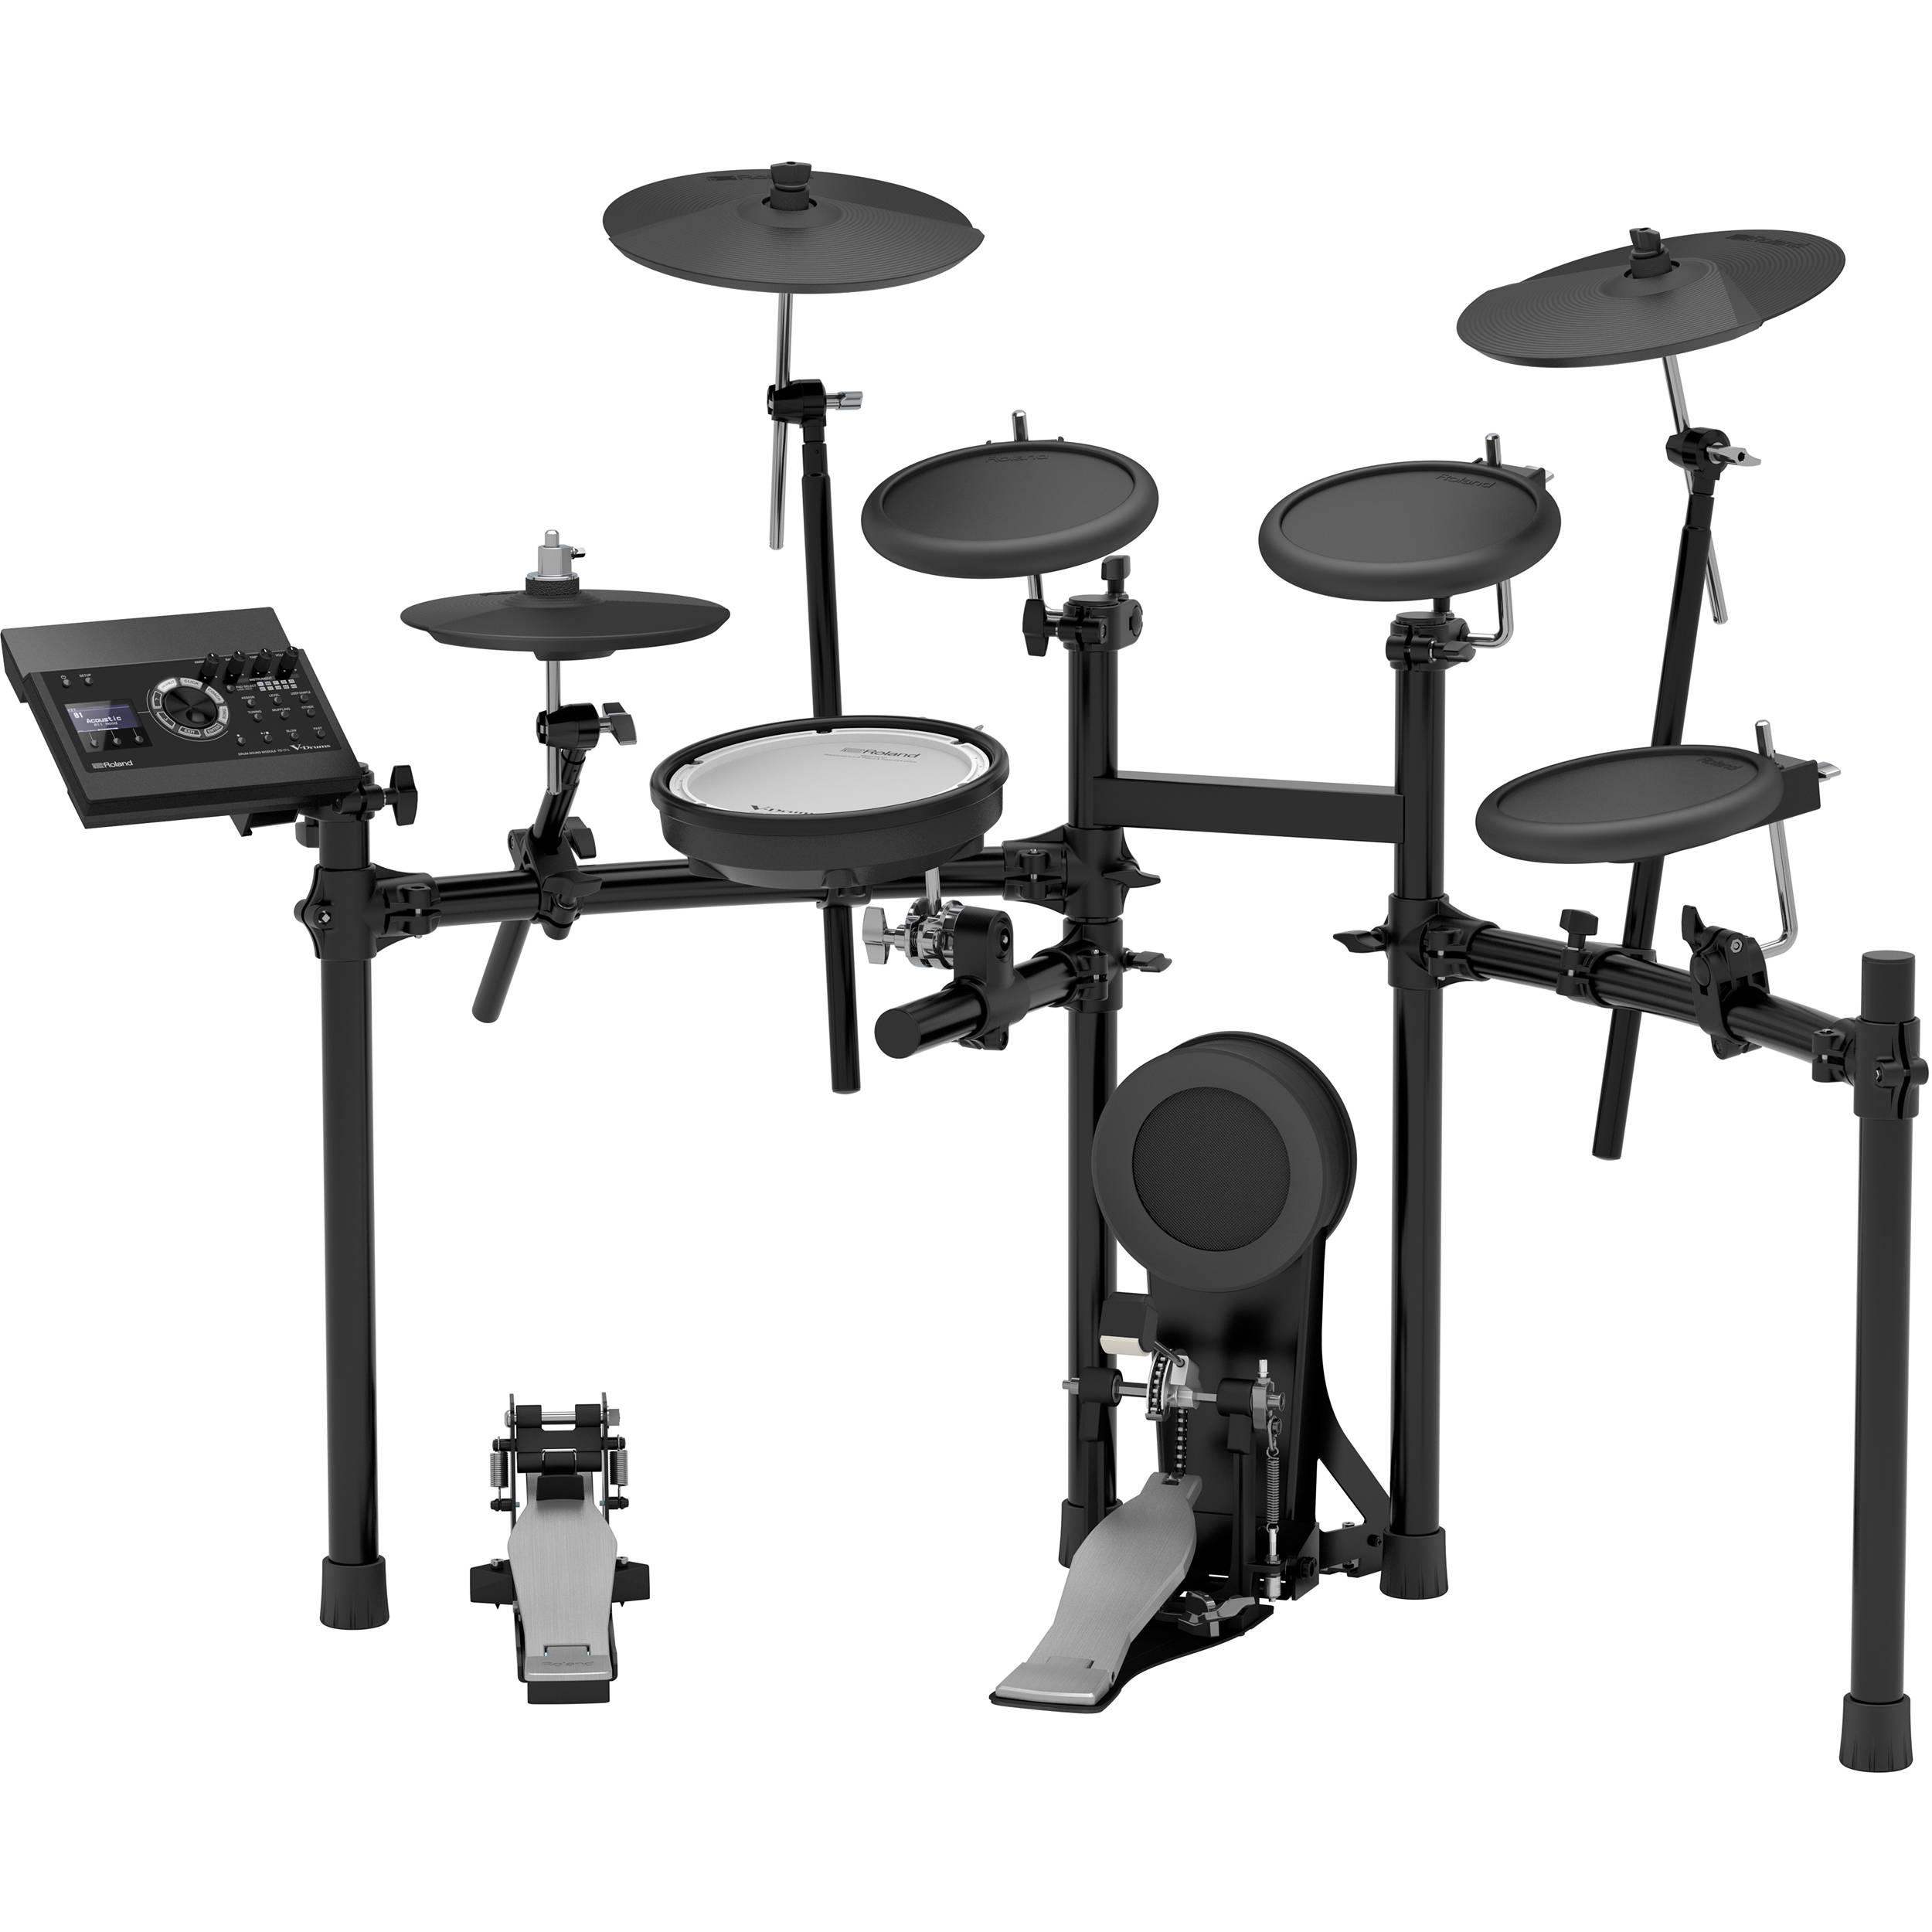 Roland Td 17kl S V Drums Electronic Drum Kit Td 17kl S B H Photo